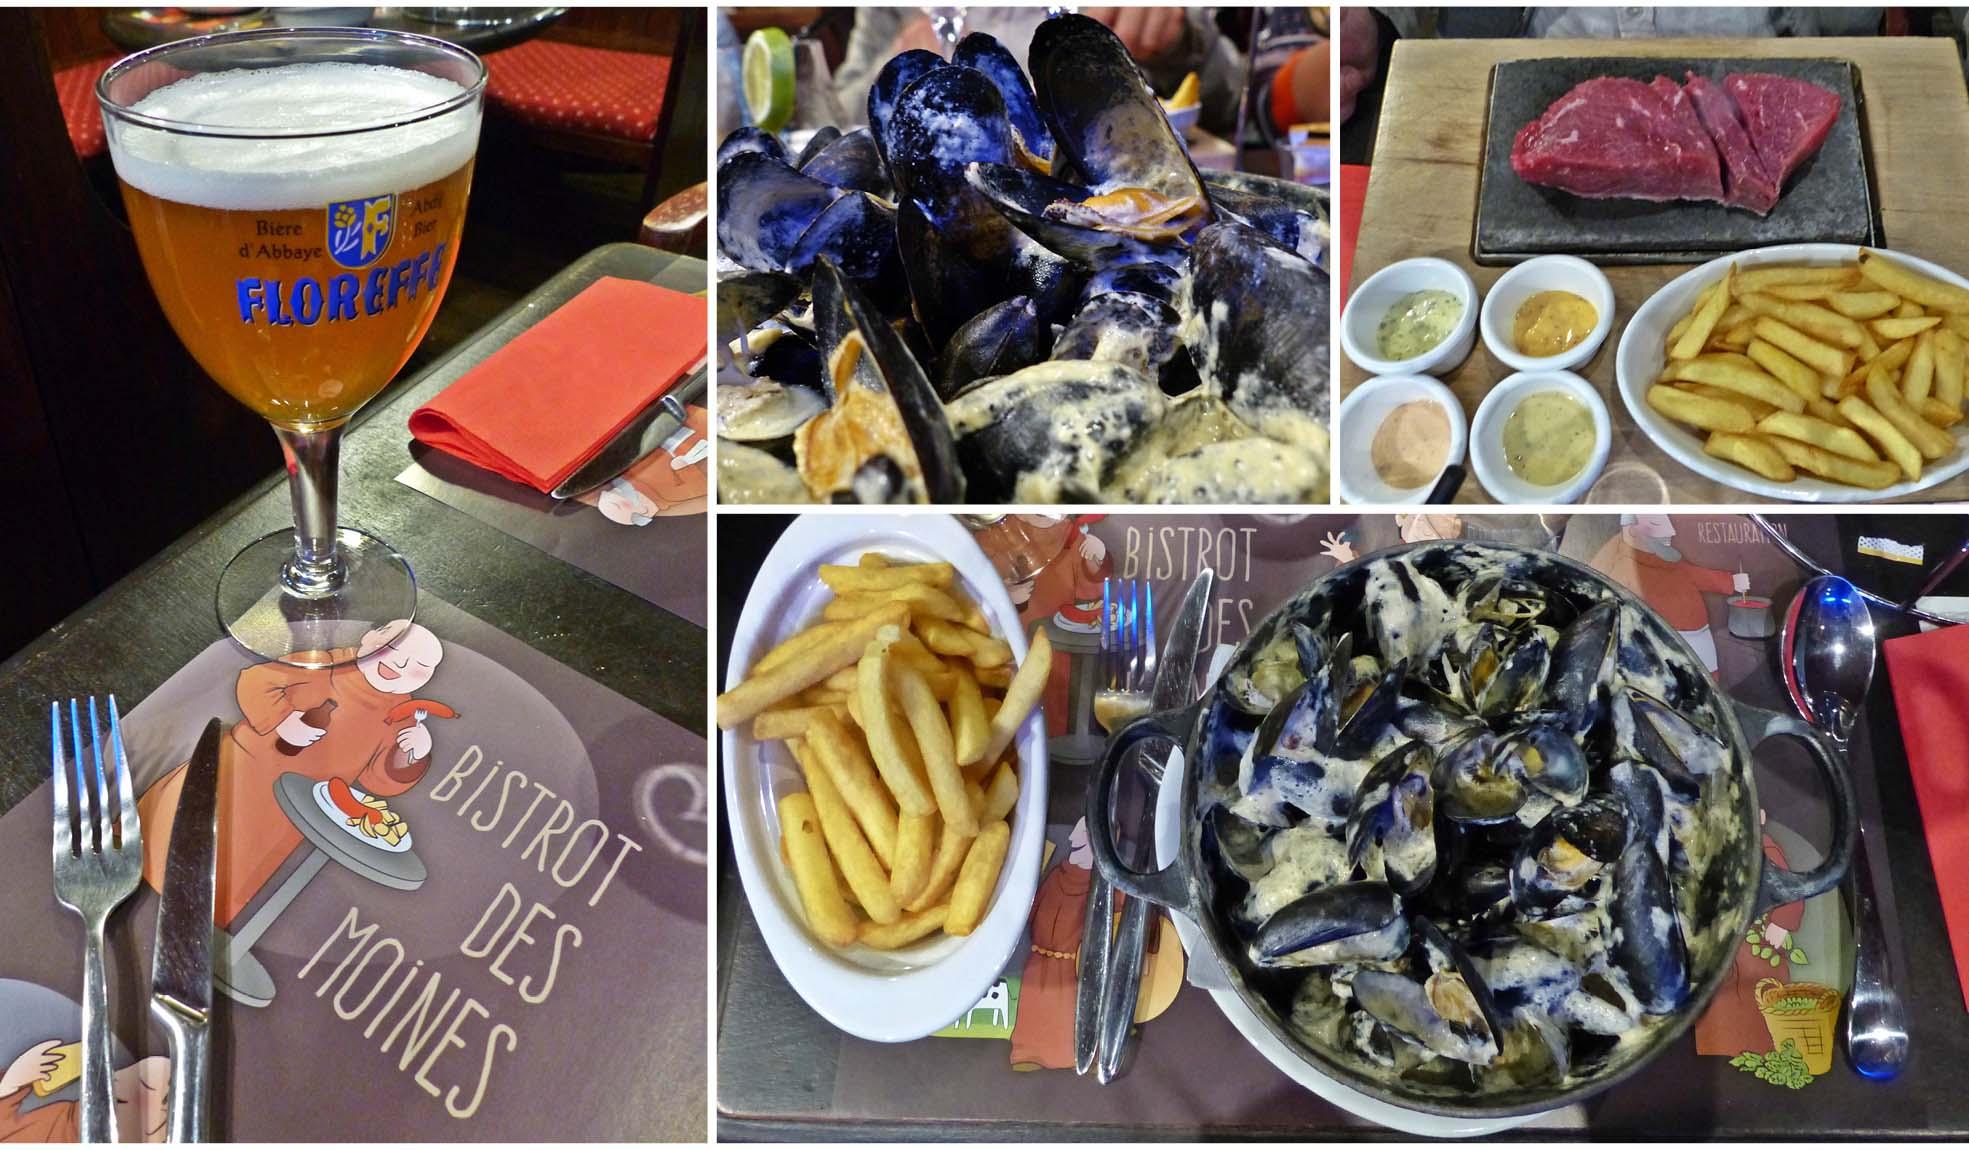 europe, France, road trip, voyage, ville, restaurant, bière, moule, frite, viande, sauces, assiette, table, brasserie, bistrot